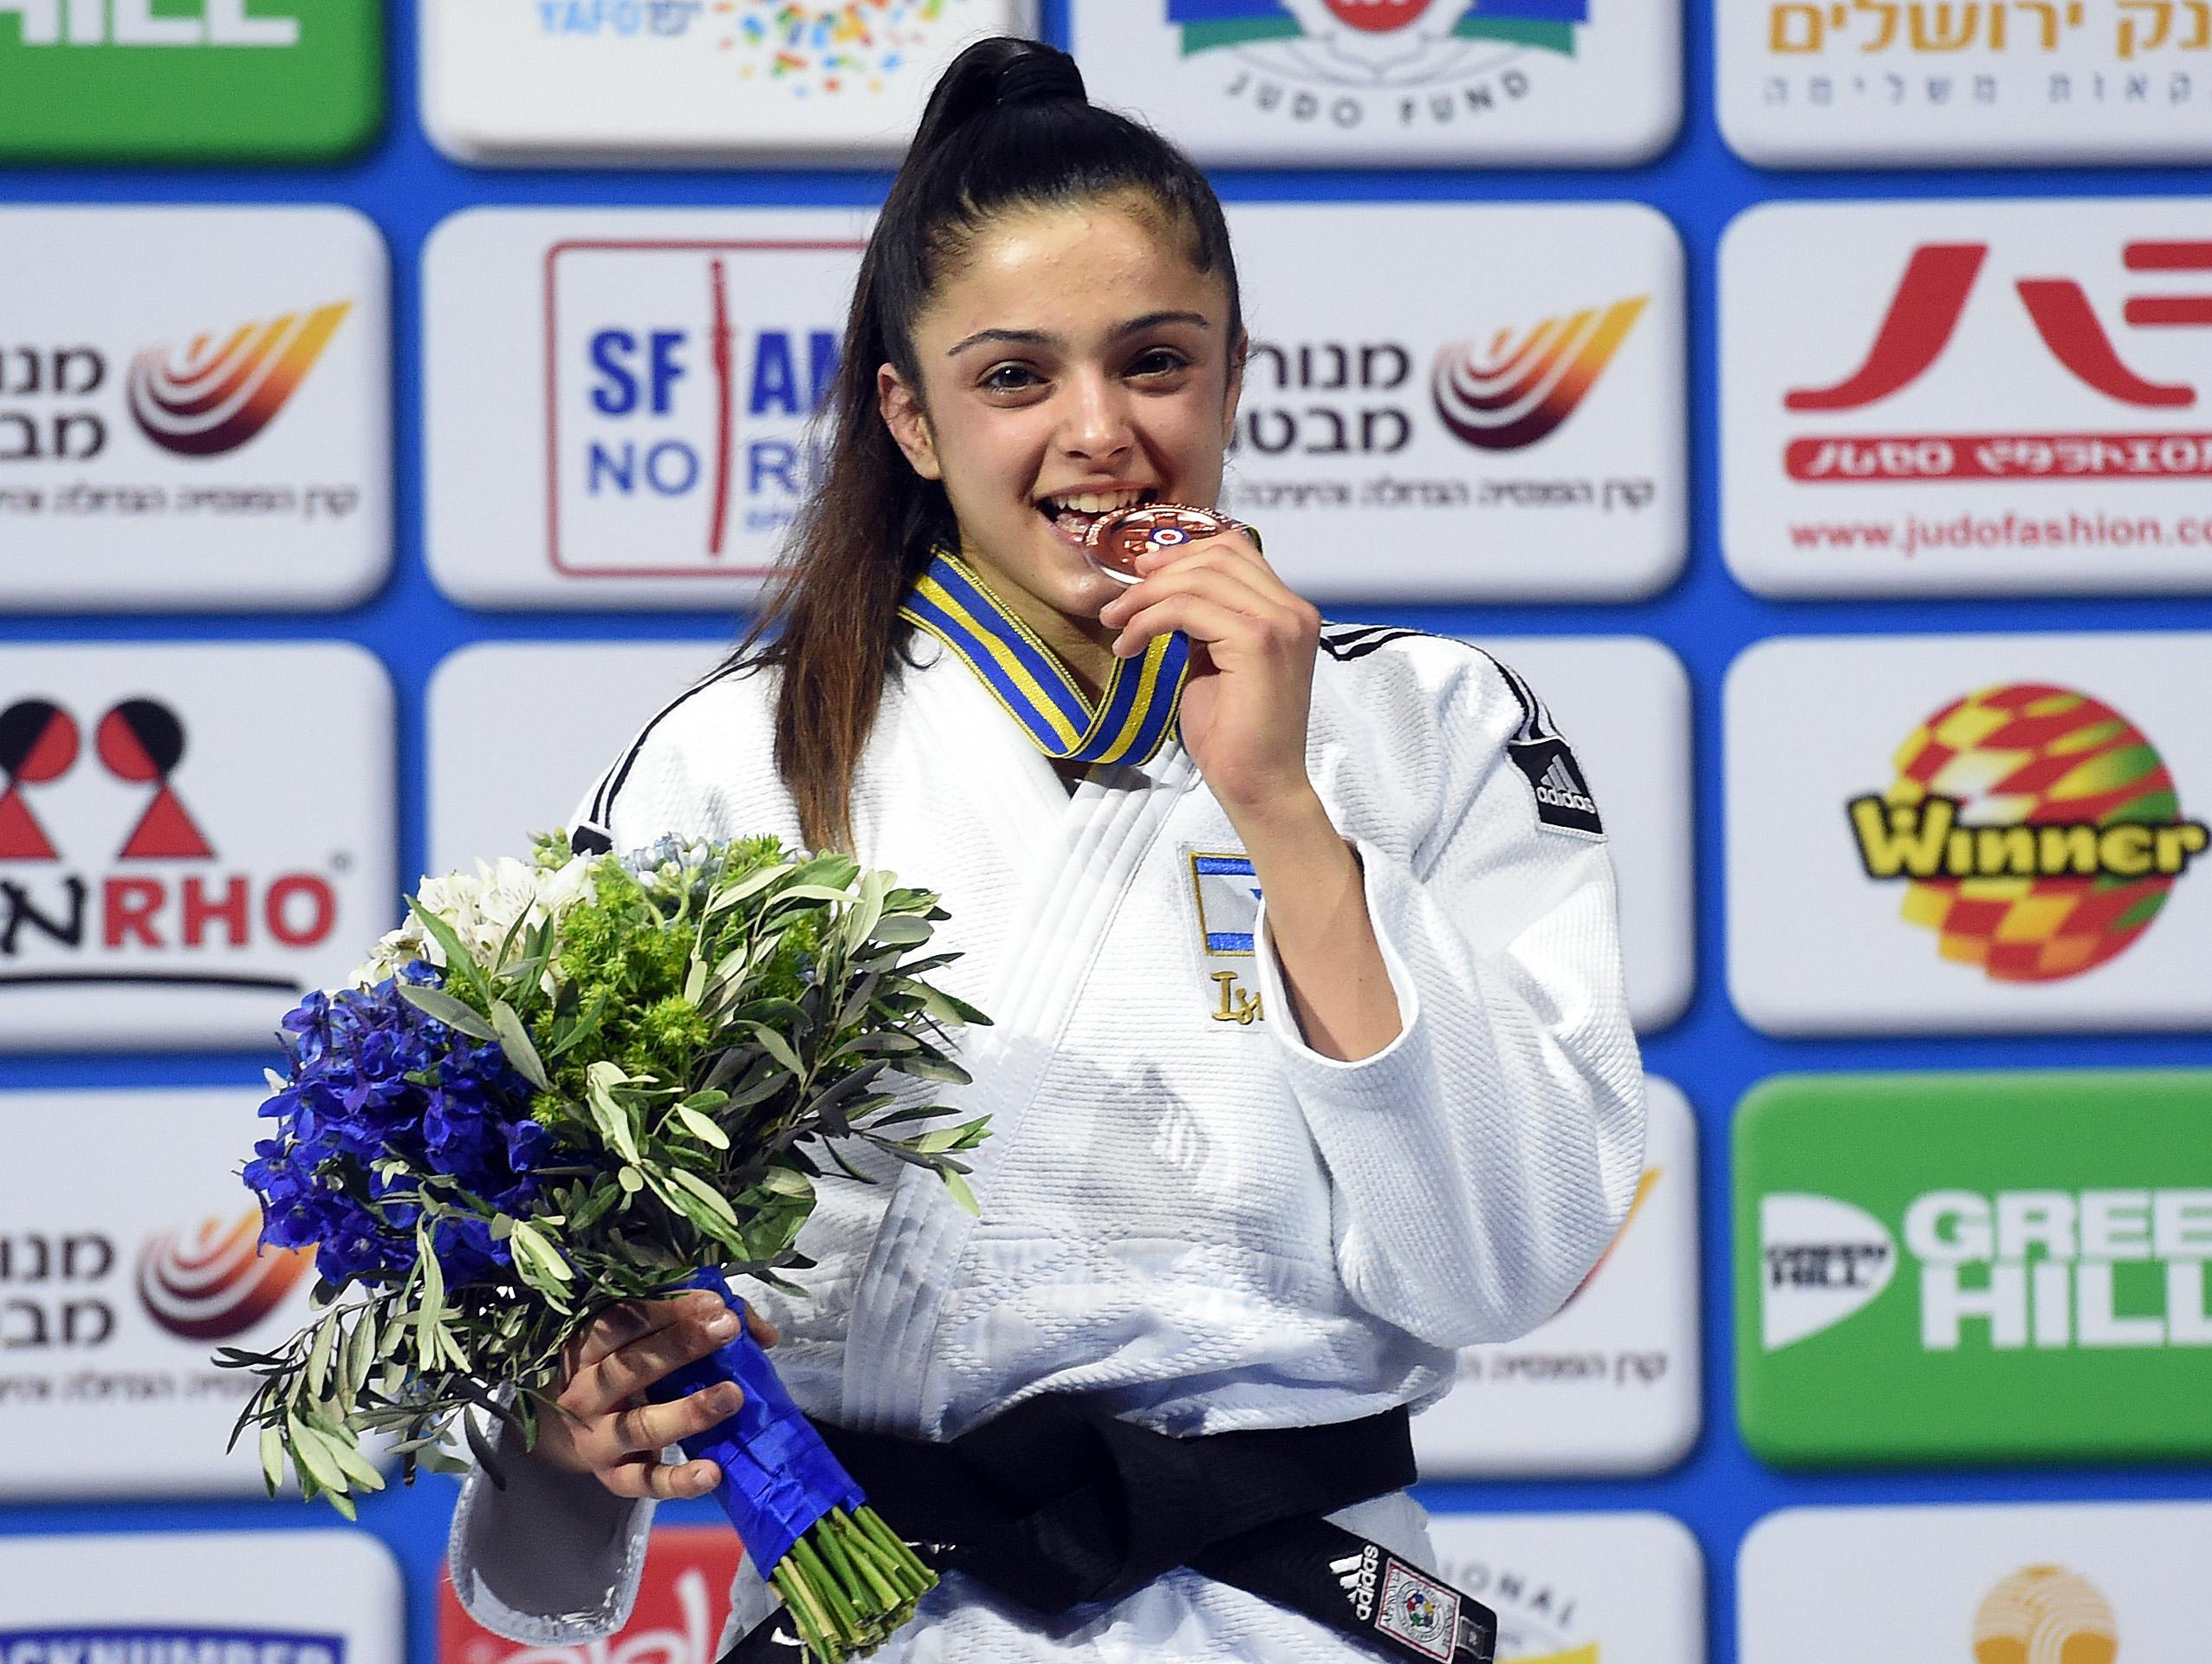 גפן פרימו זכתה במדליית כסף באליפות העולם עד גיל 21